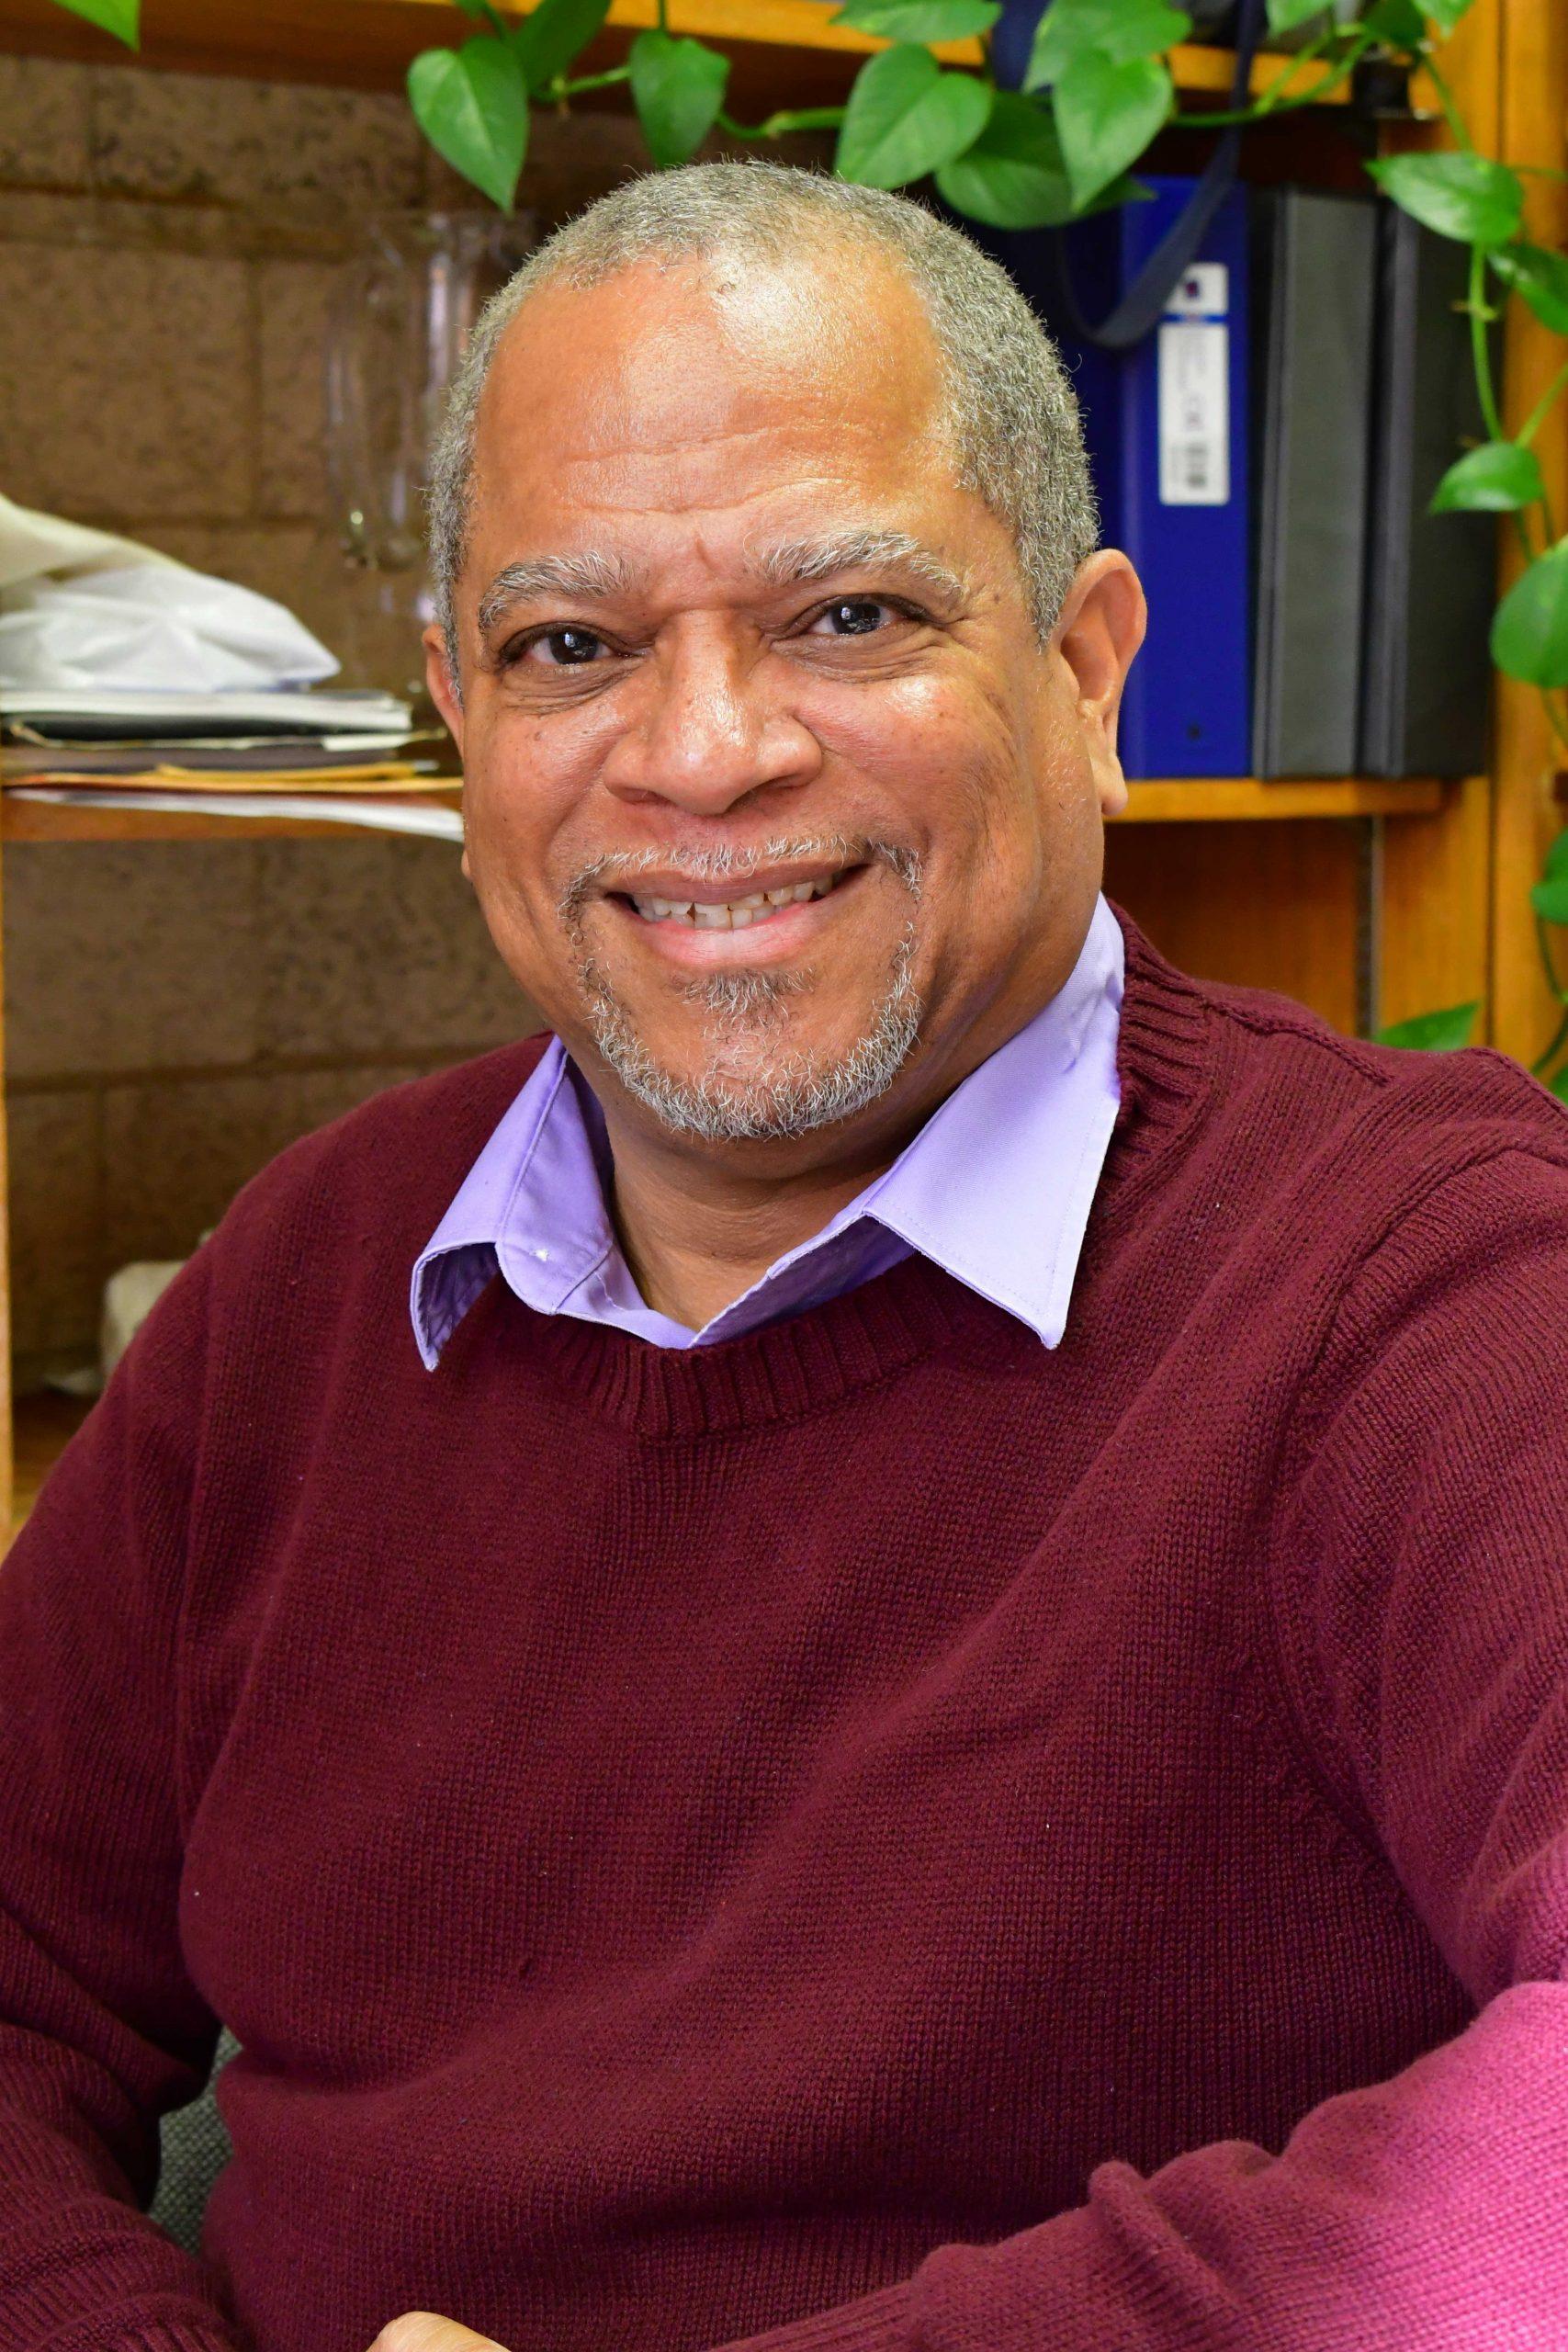 Meet Robert L. Easter, NOMAC, FAIA